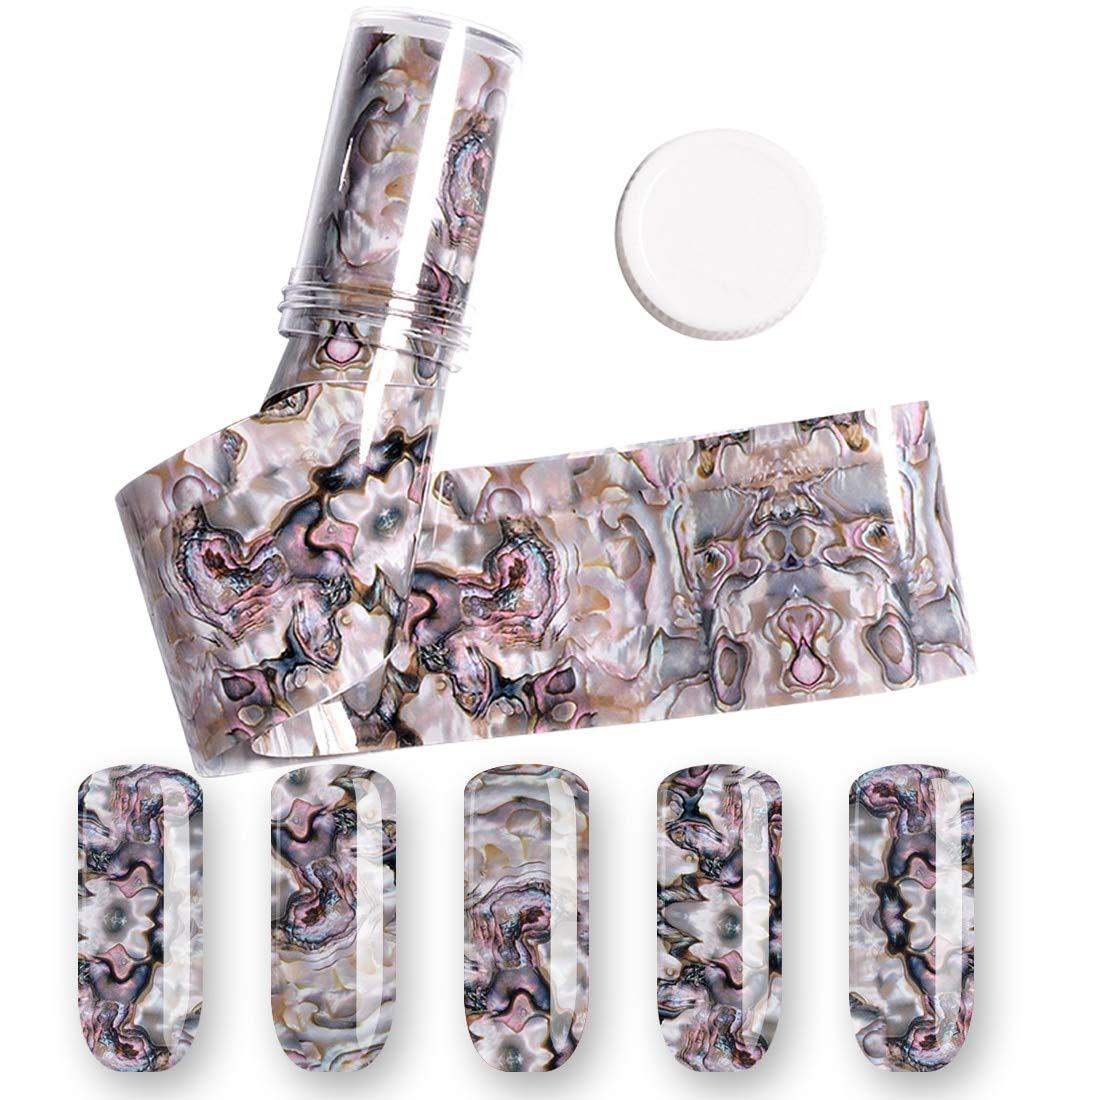 Nagel-Kunst-Thermotransfer-Folie 4 * 120CM 3D 1 Rolle Ozean-Art-Muschel-Abalone-Muster-Nagel-Folien-Steigungs-Marmor-Design-Folien uu19ee